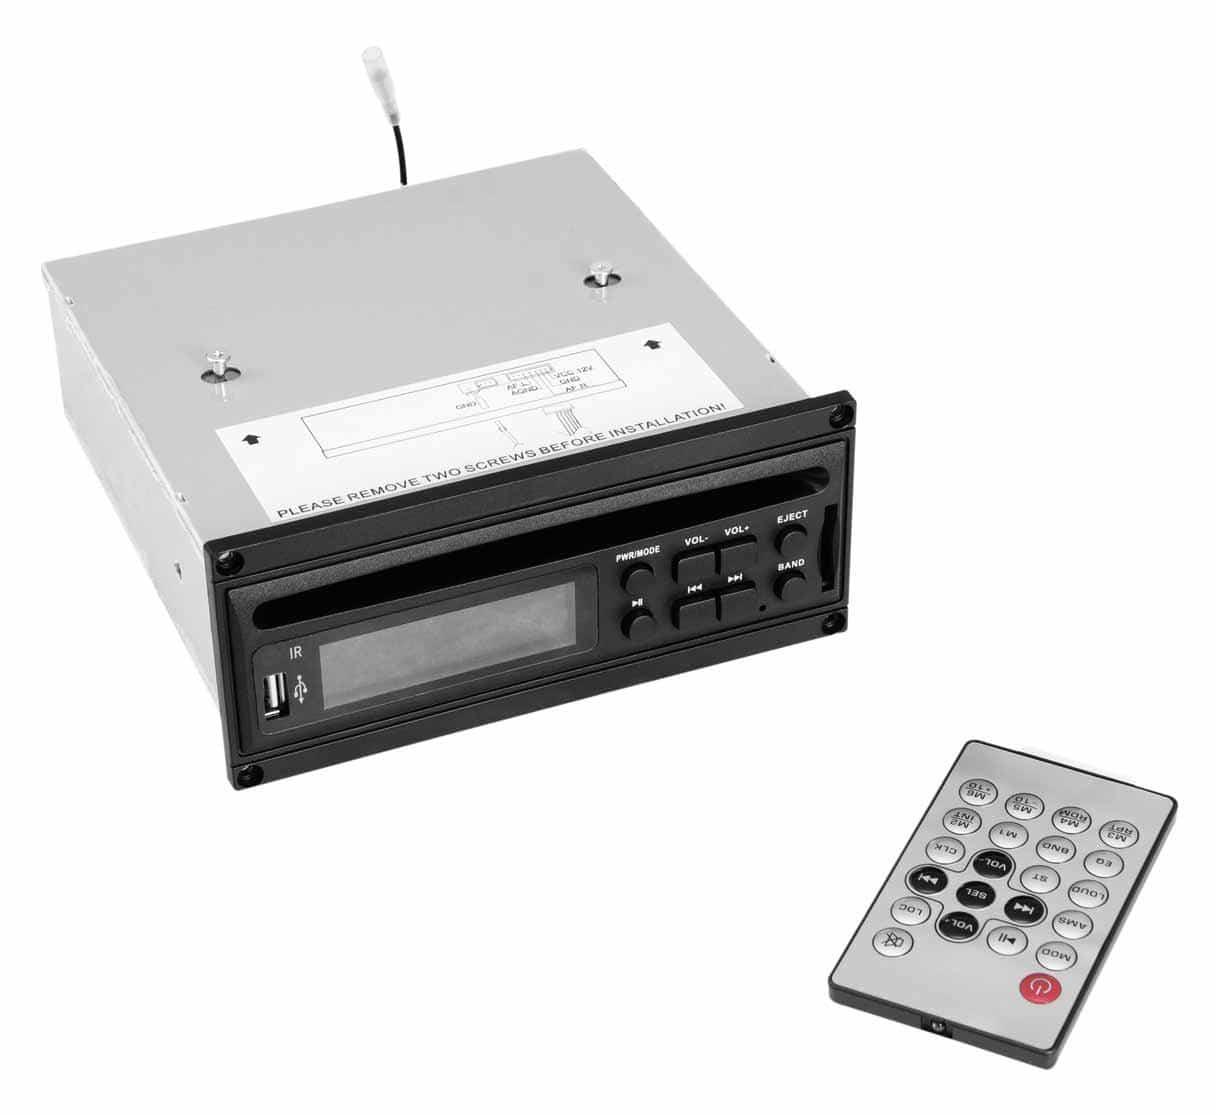 Paendstufen - Omnitronic MOM 10BT4 CD Player mit USB SD Retoure (Zustand sehr gut) - Onlineshop Musikhaus Kirstein